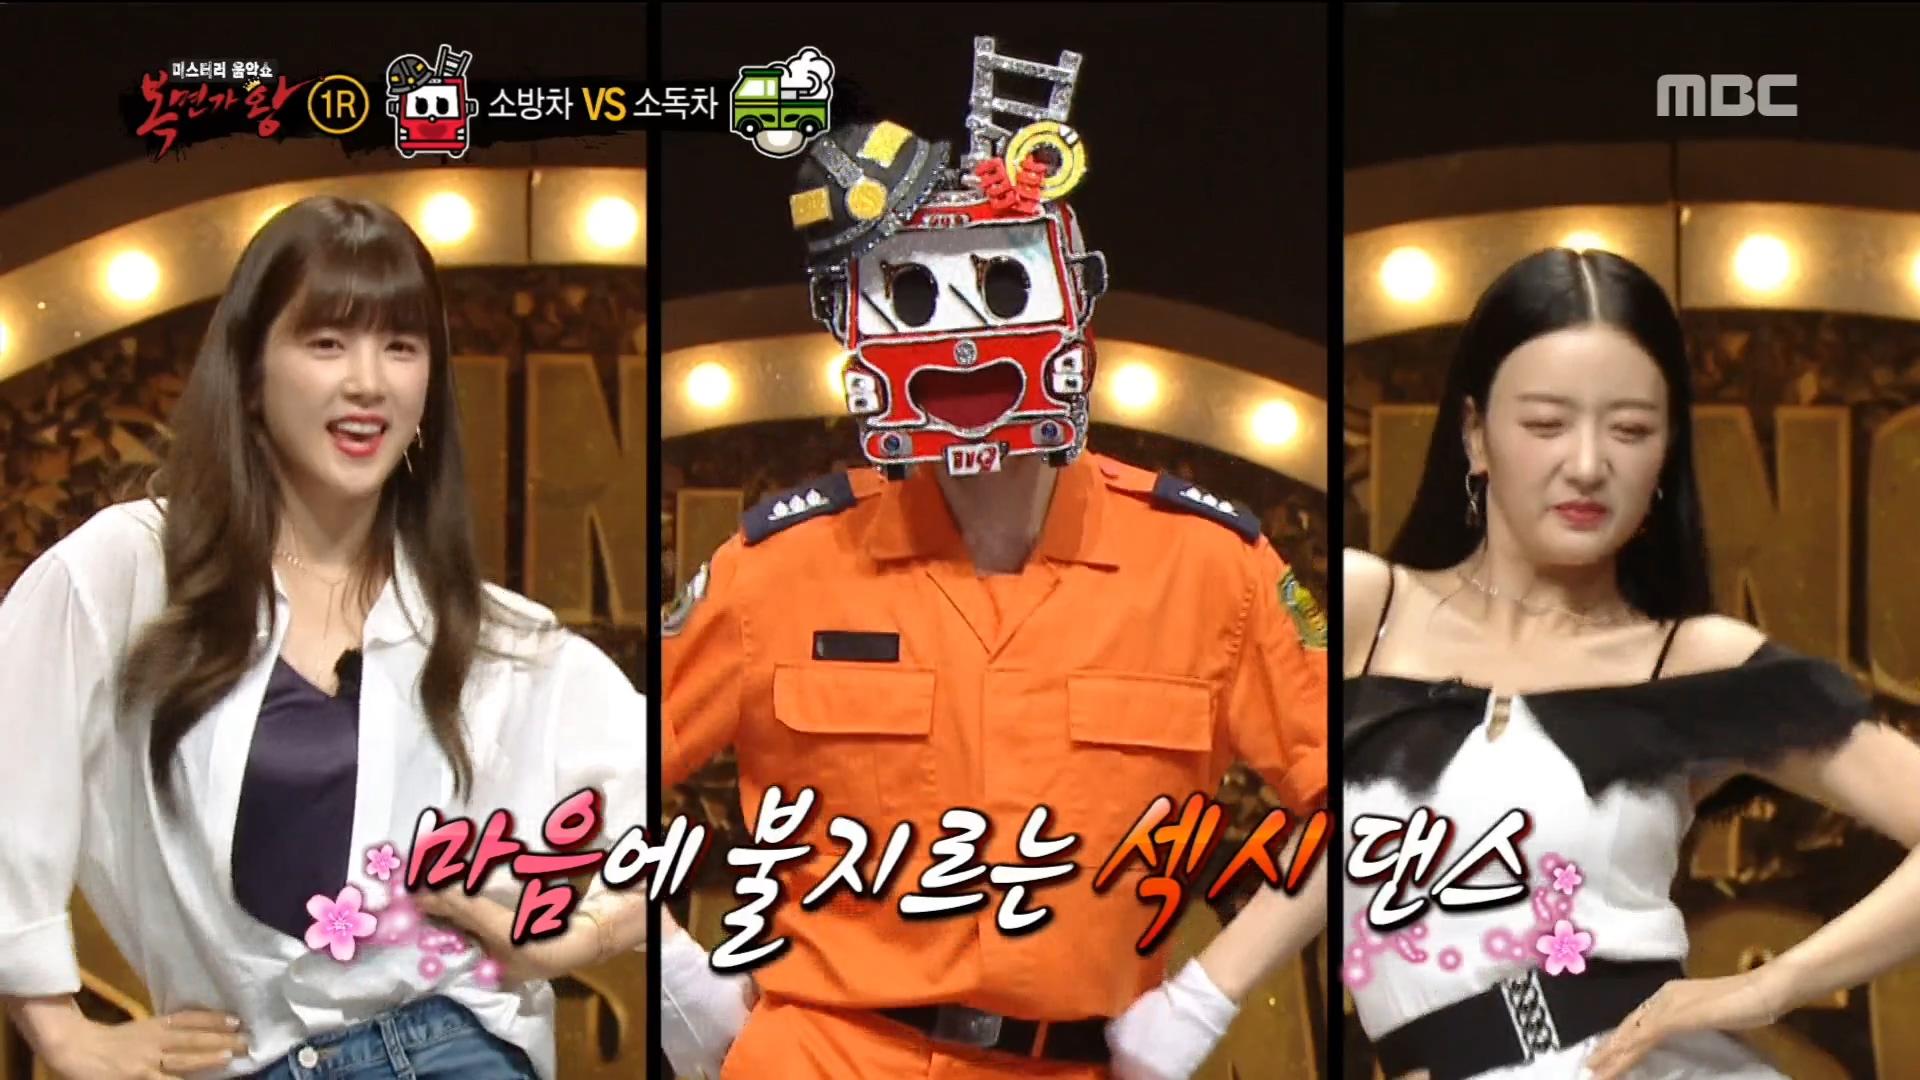 초롱&보미와 '소방차'의 합동 공연! '칼 군무의 완성(feat,MC 성주)'